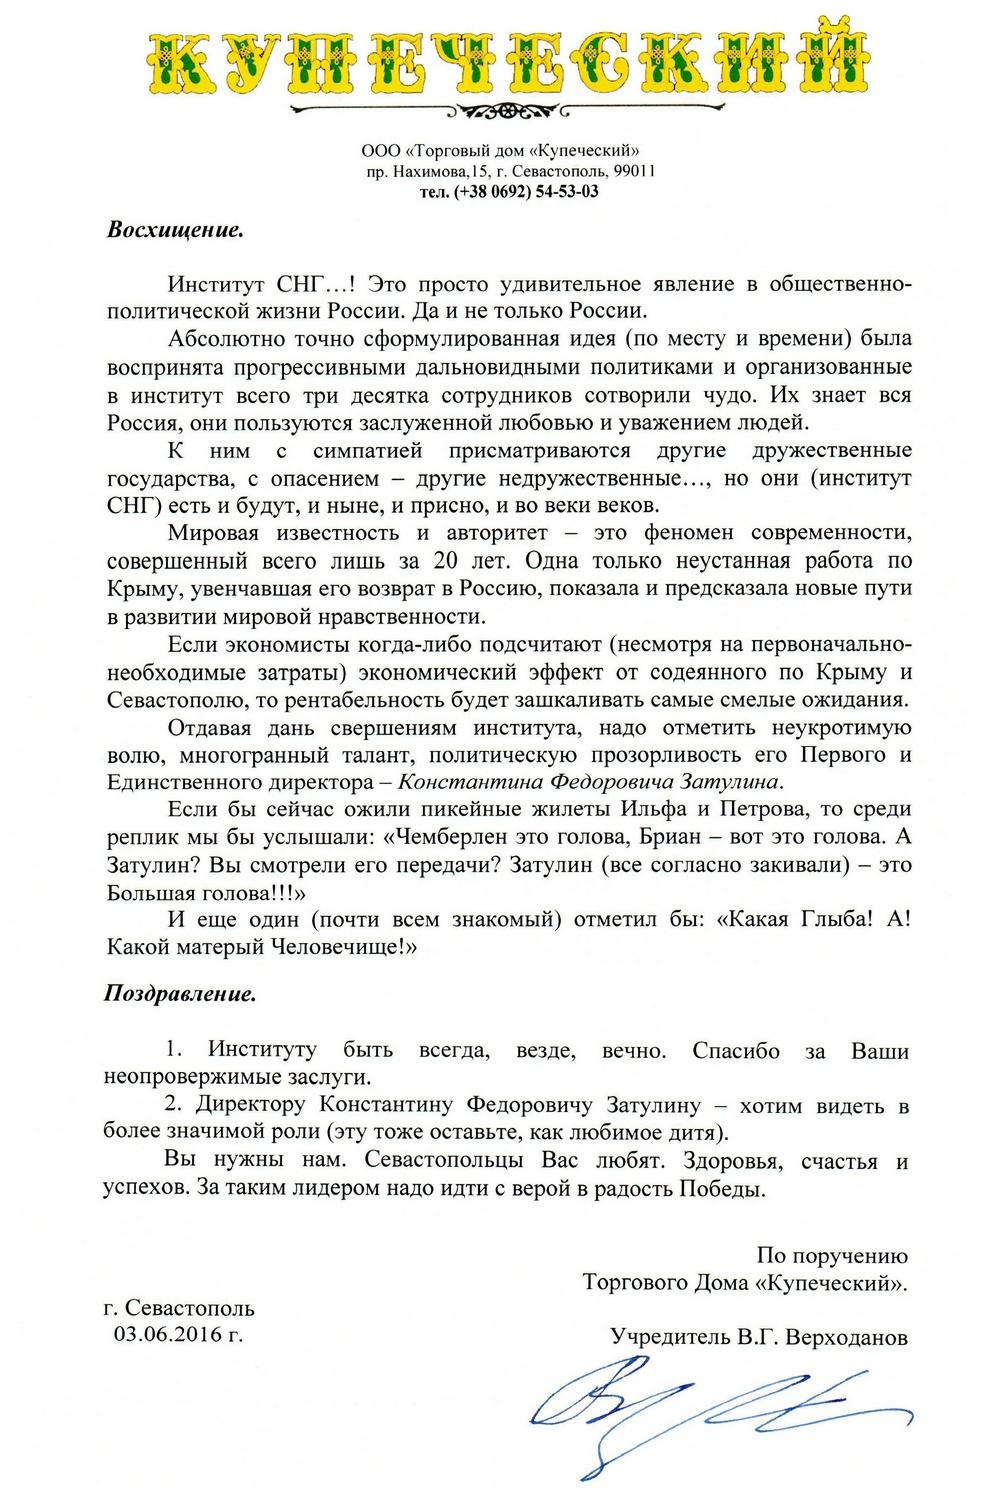 Поздравление_20 лет от ТД Купеческий на одной странице